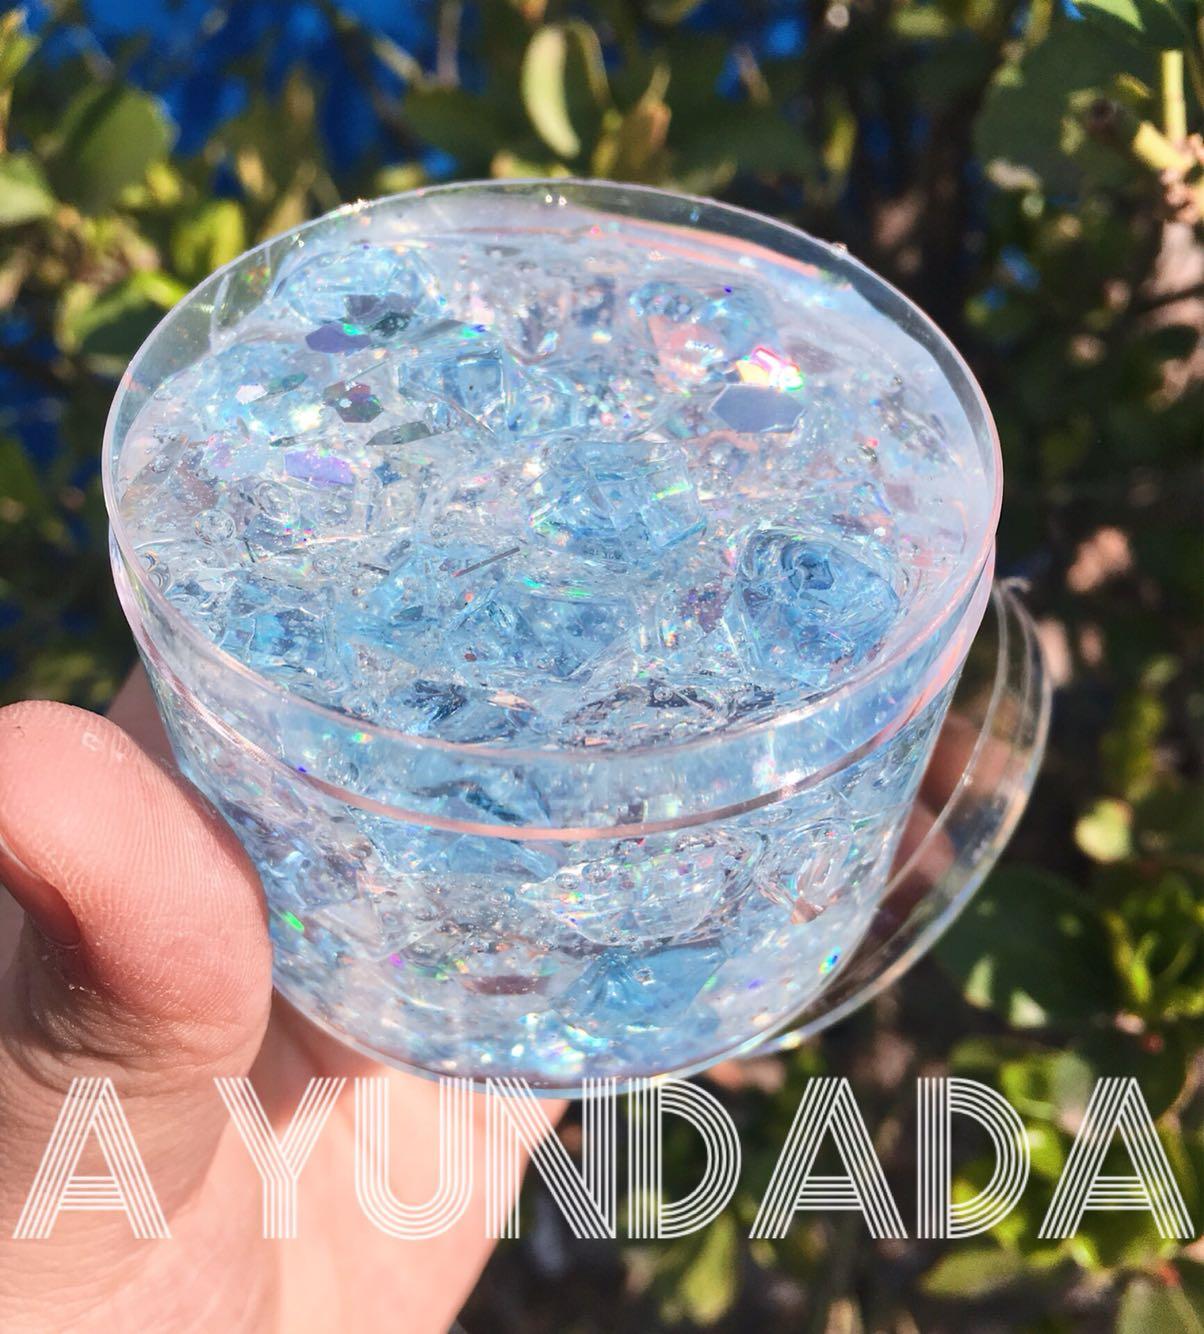 新品梦幻冰晶琥珀糖水晶泥透太鬼包邮 史莱姆泰透泥 水晶泥成品限1000张券